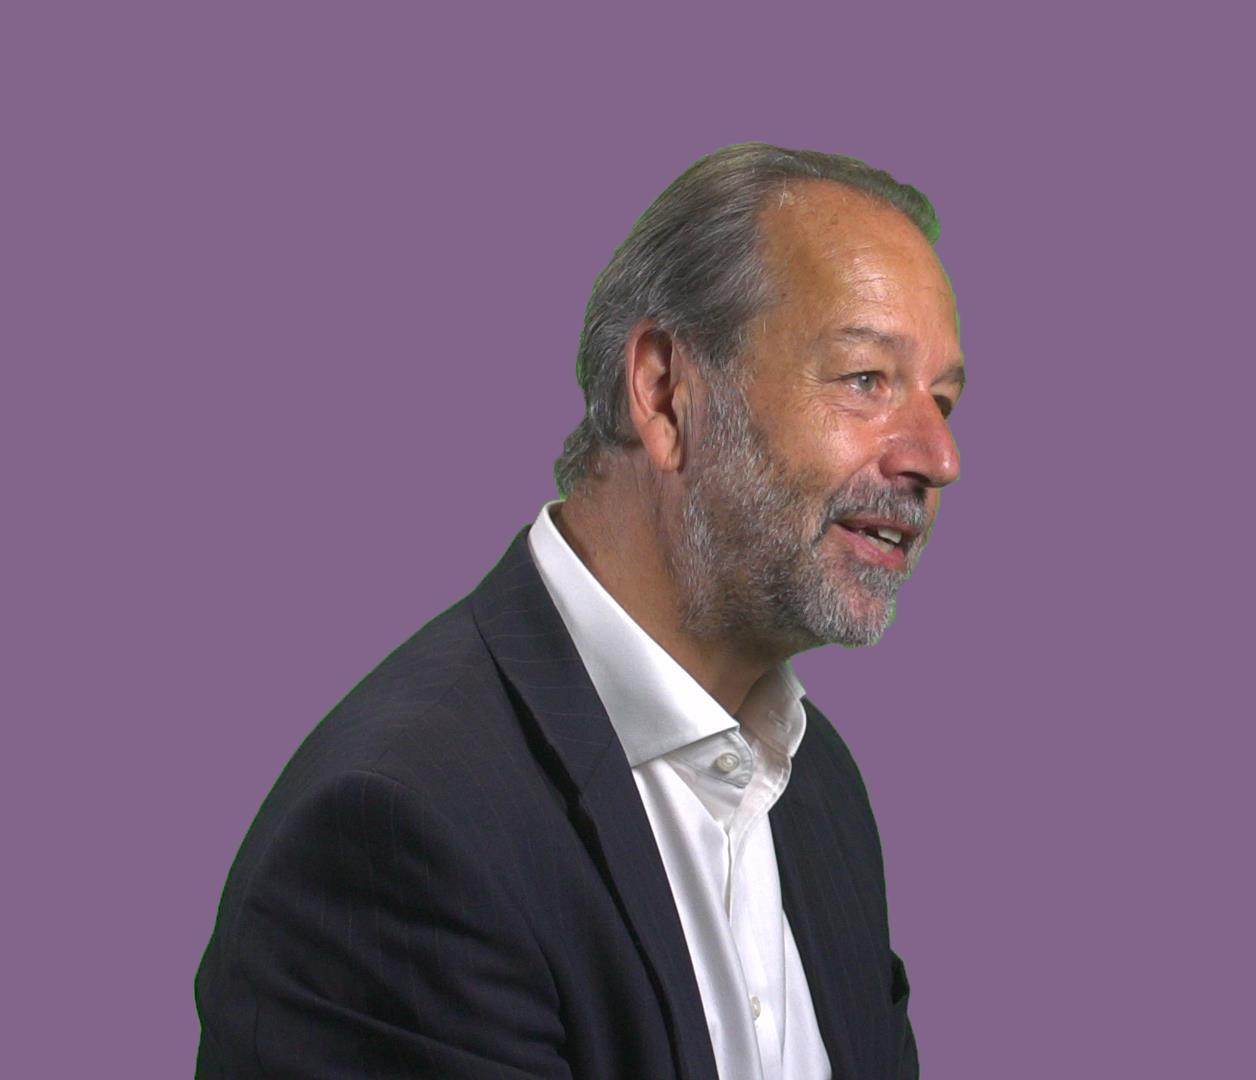 Portrait of David Solomides